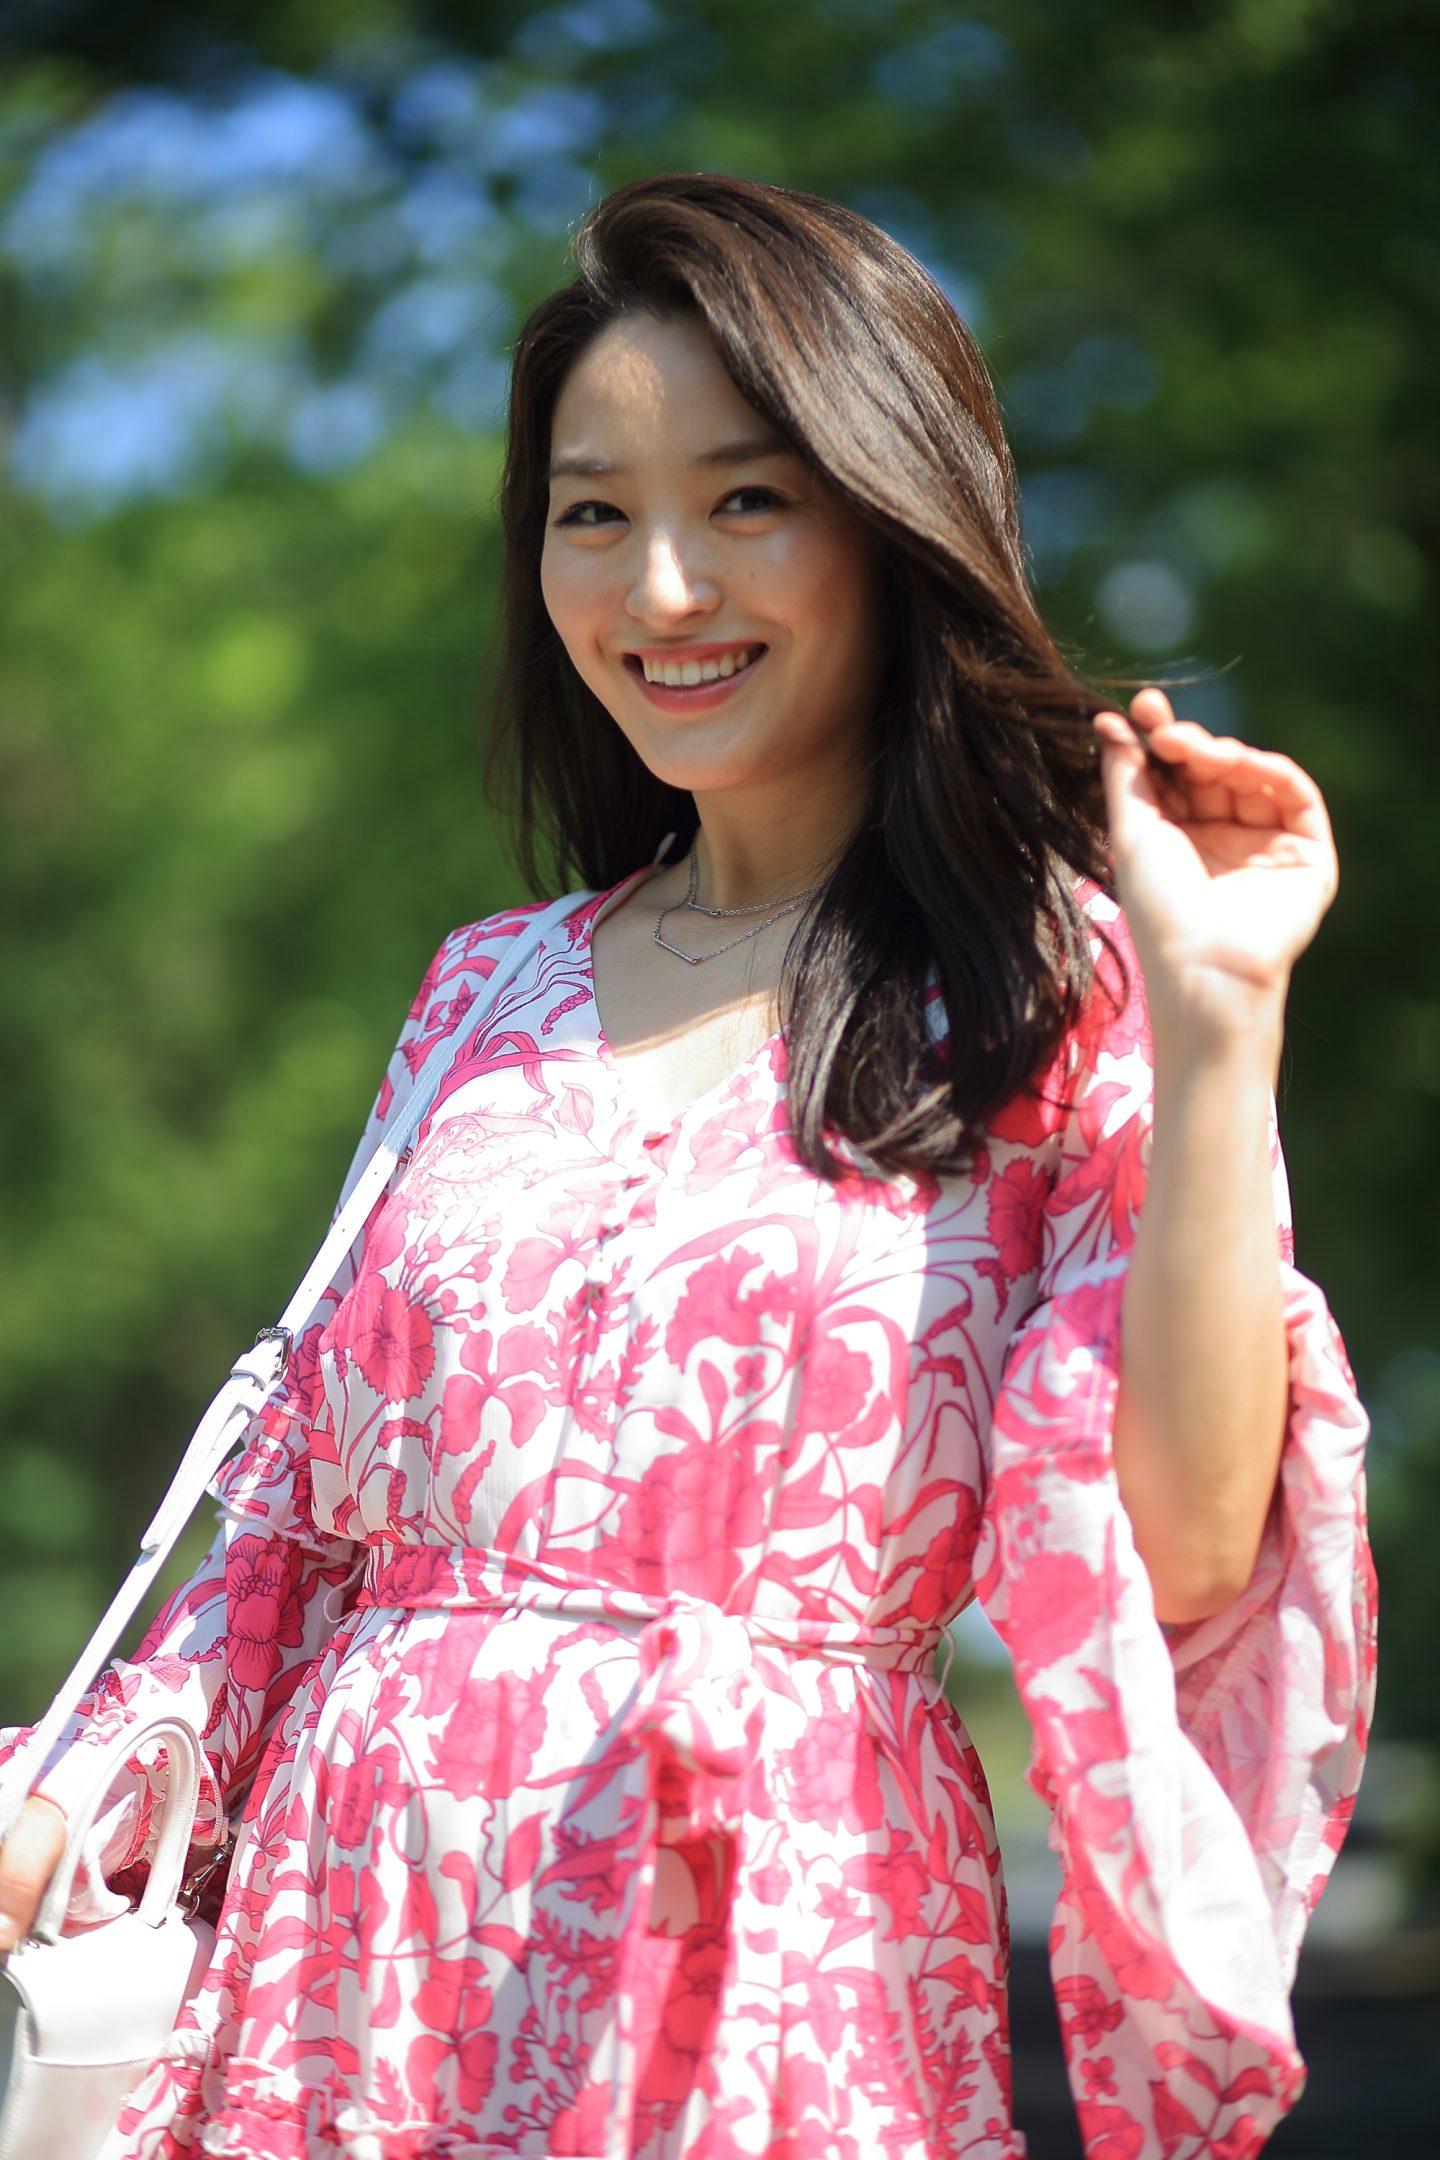 pink floral dresses